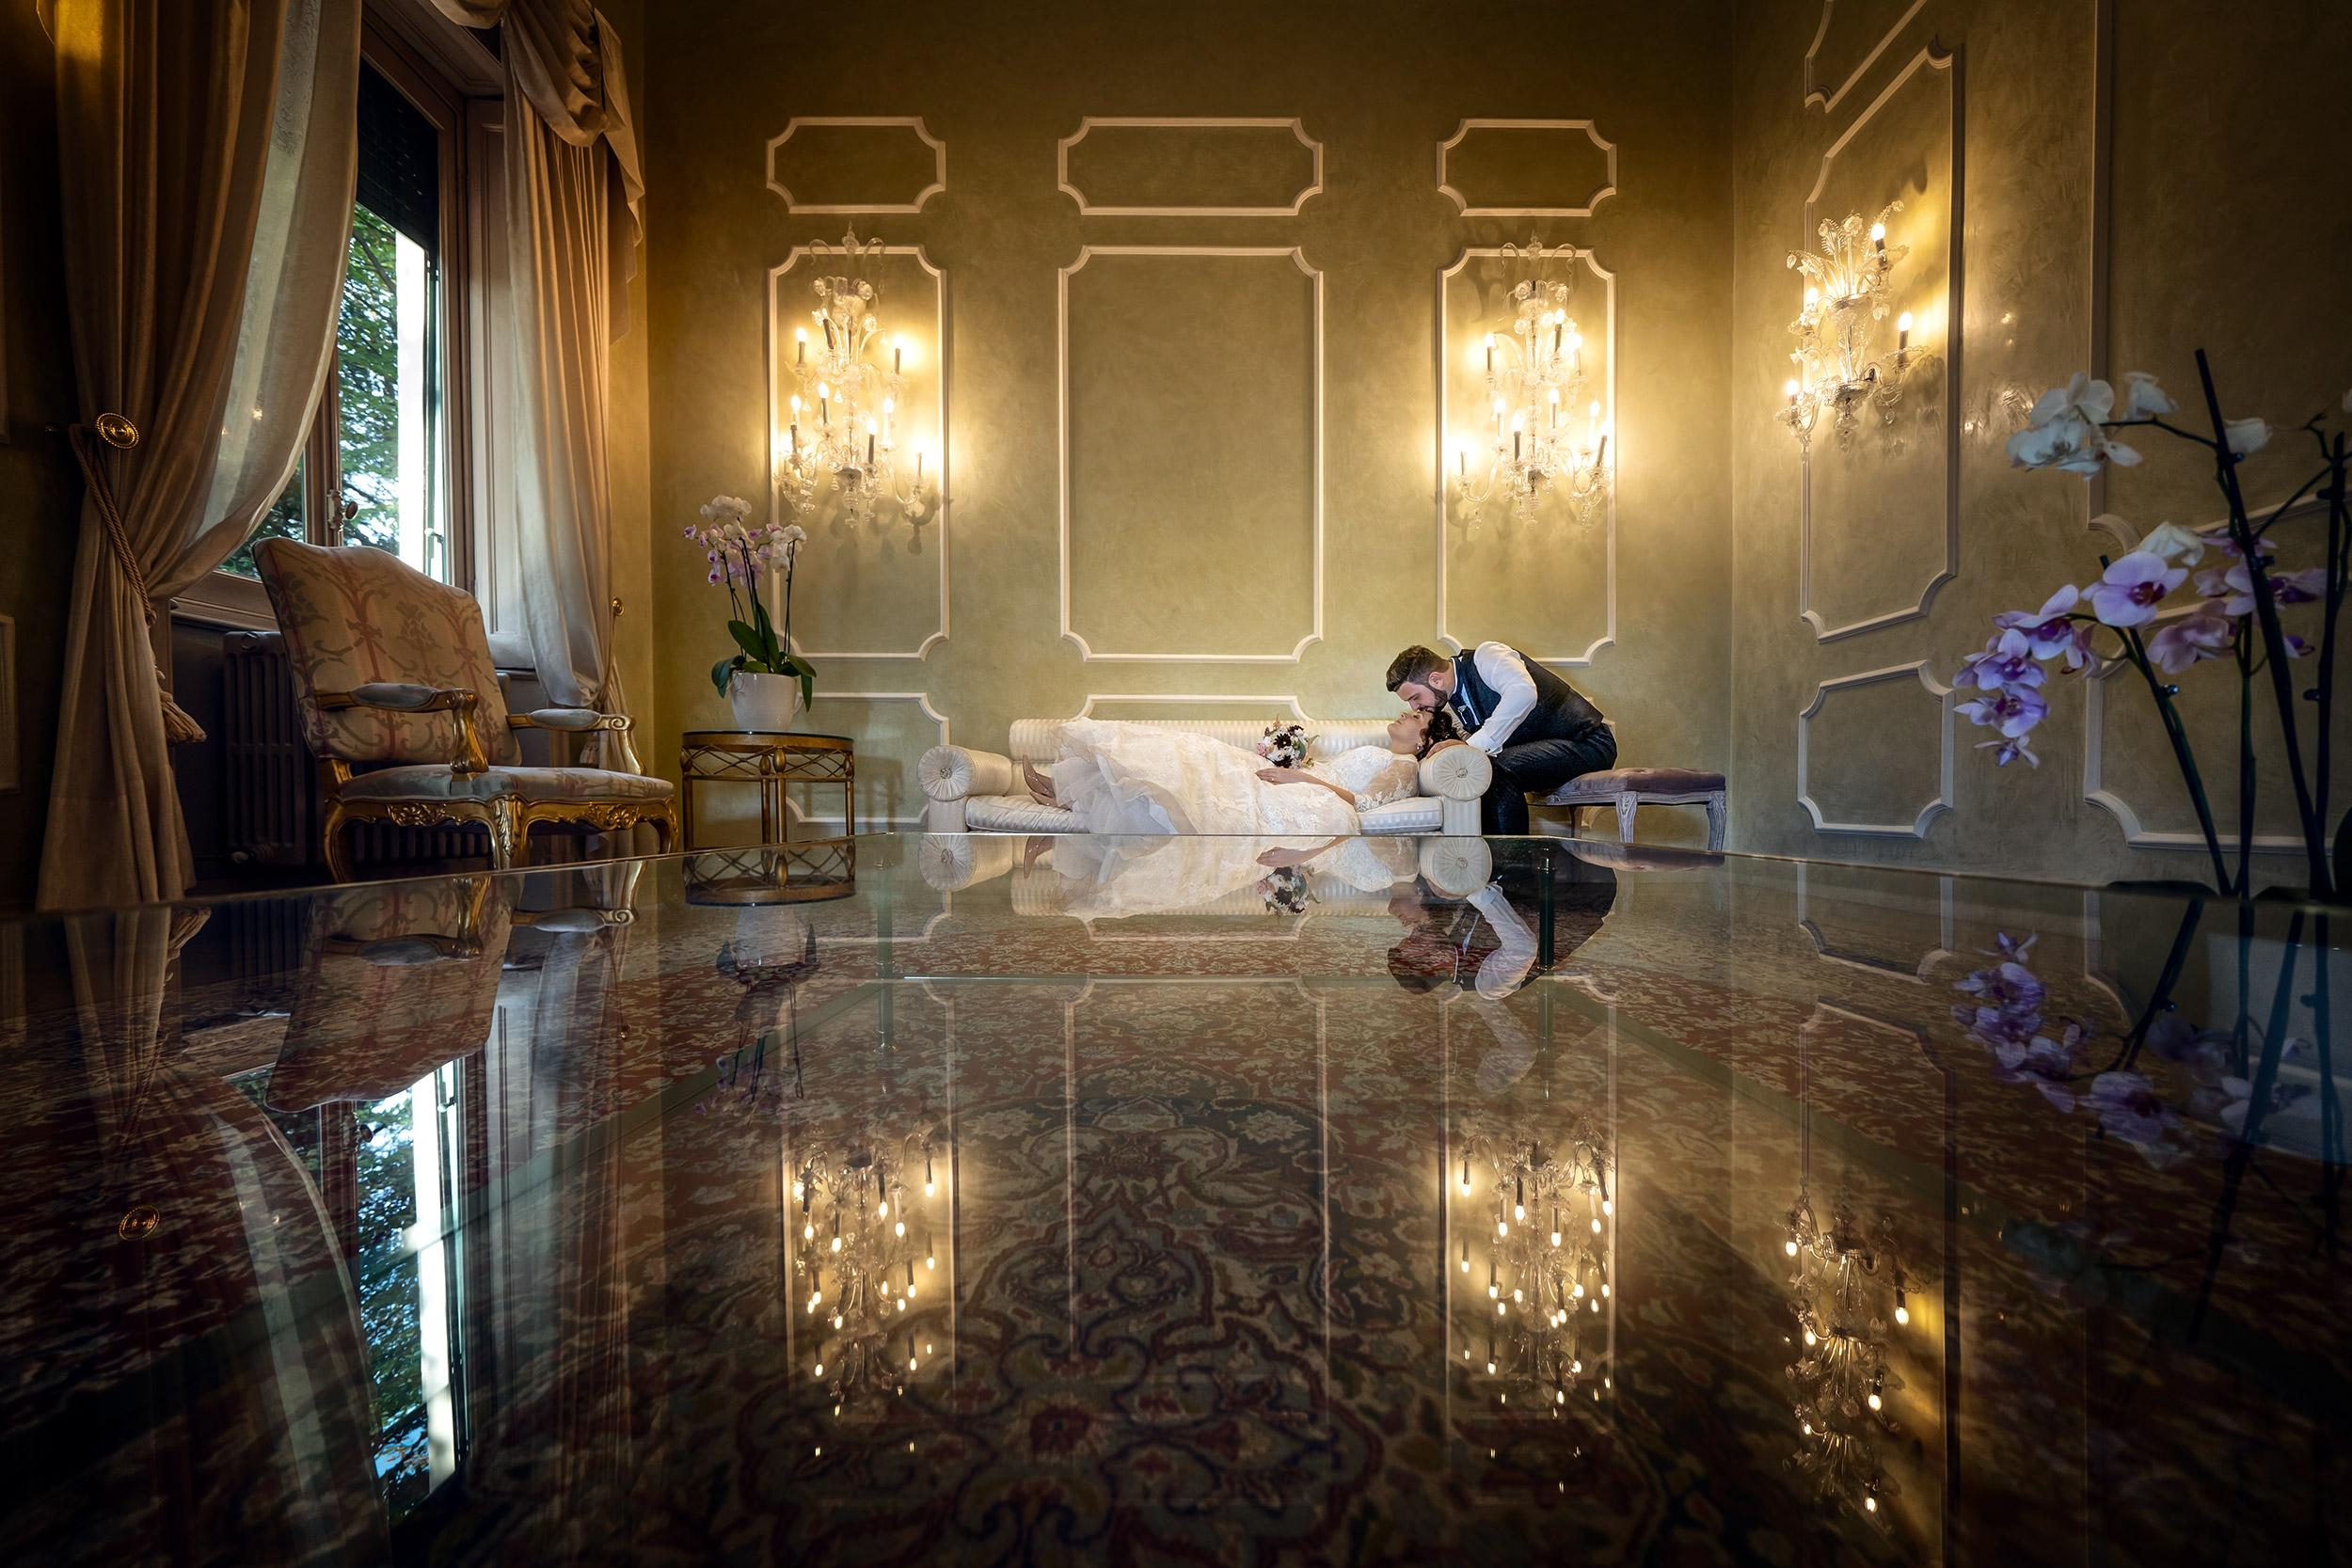 000 reportage sposi foto matrimonio wedding villa mattioli lesmo monza brianza copia 1